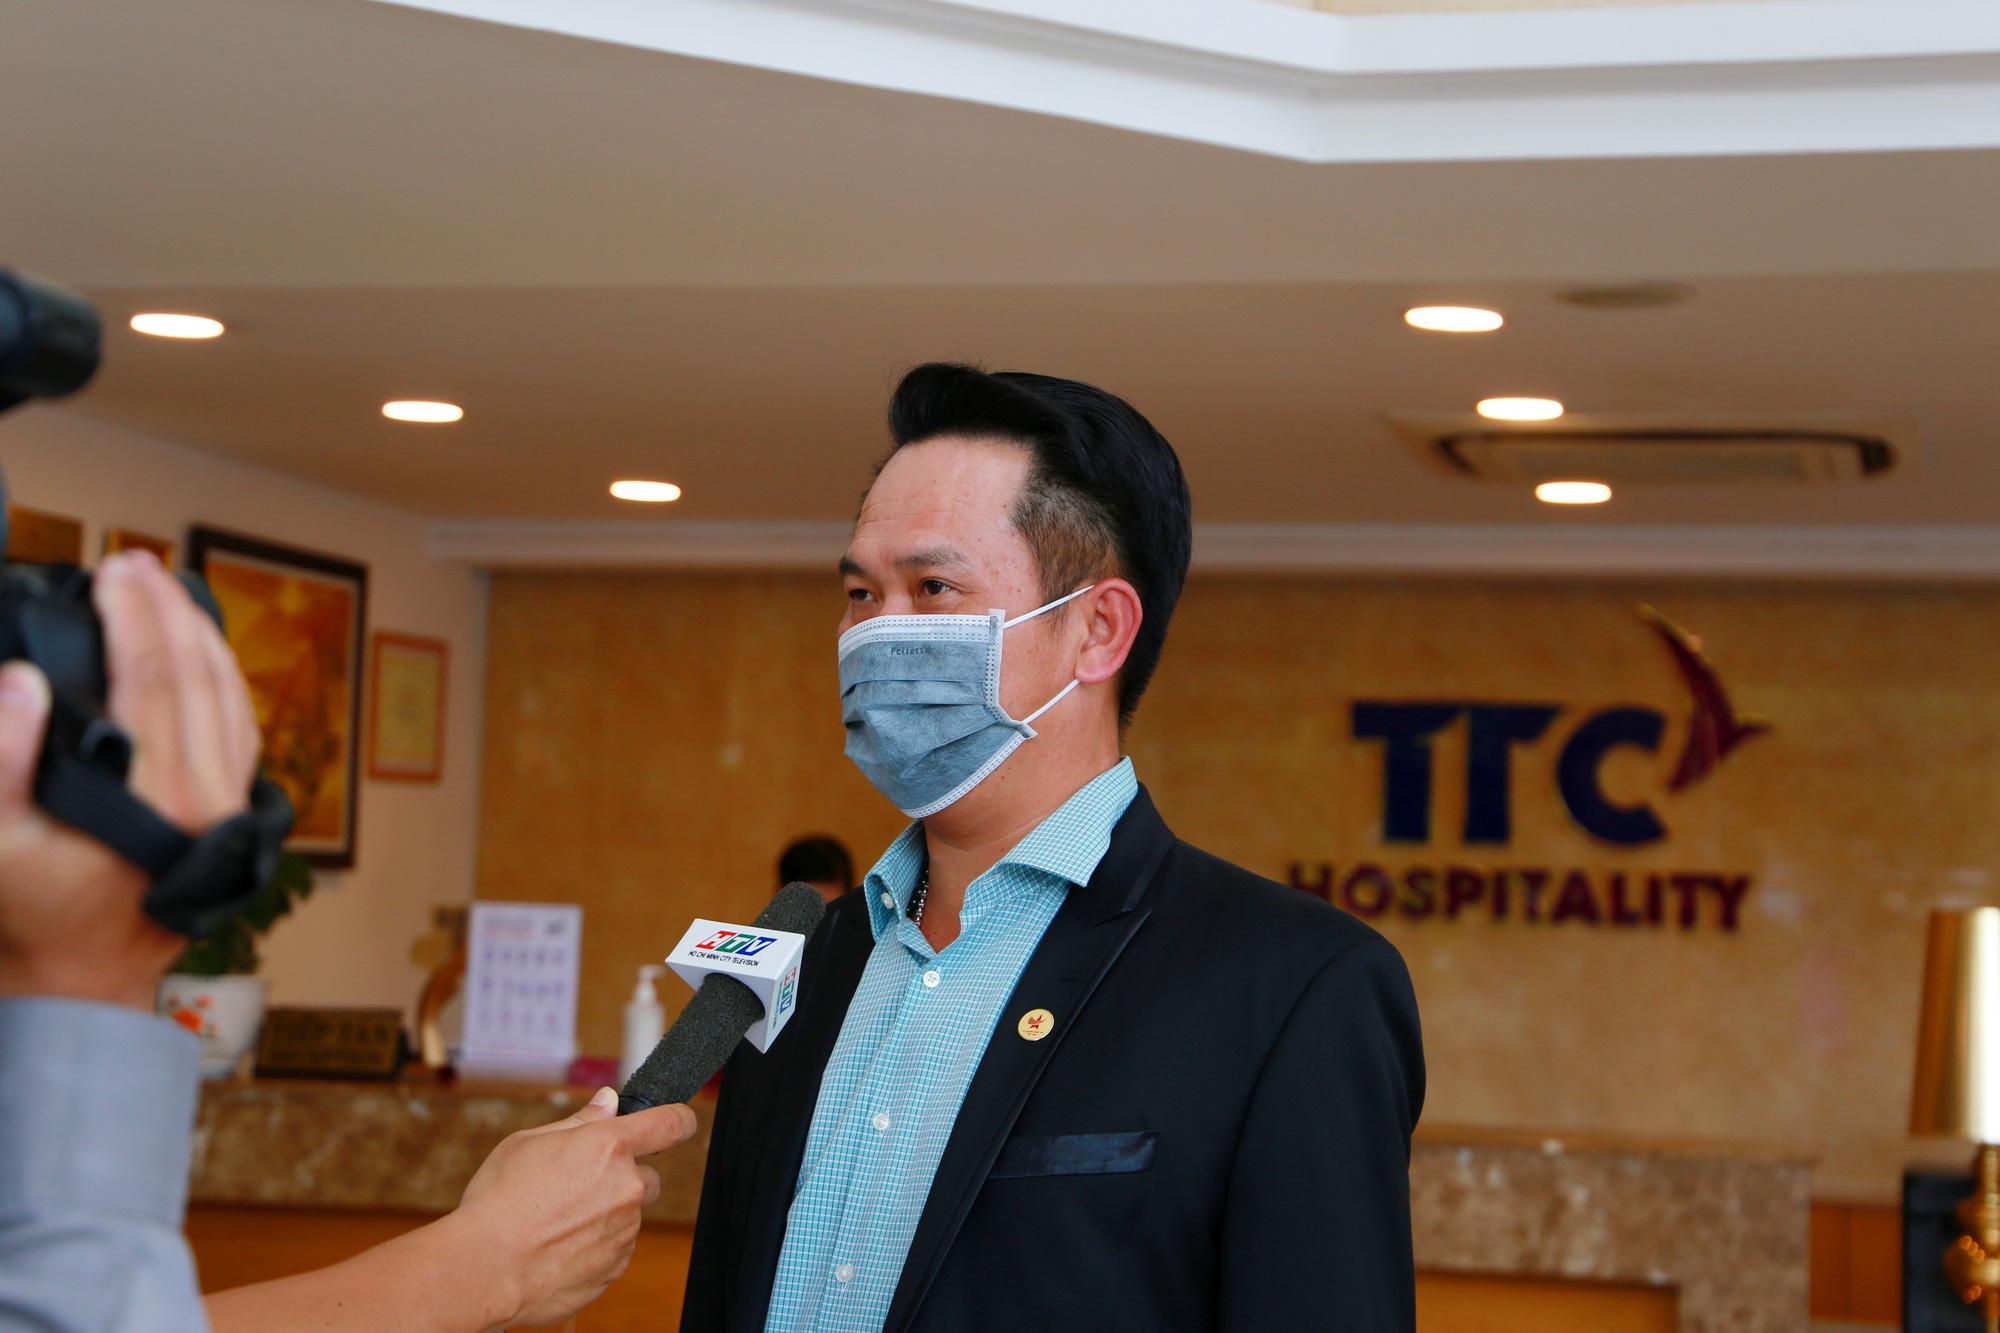 Chống dịch COVID-19: Tập đoàn TTC dành khách sạn 52 phòng cho các y bác sỹ đến cách li - Ảnh 2.